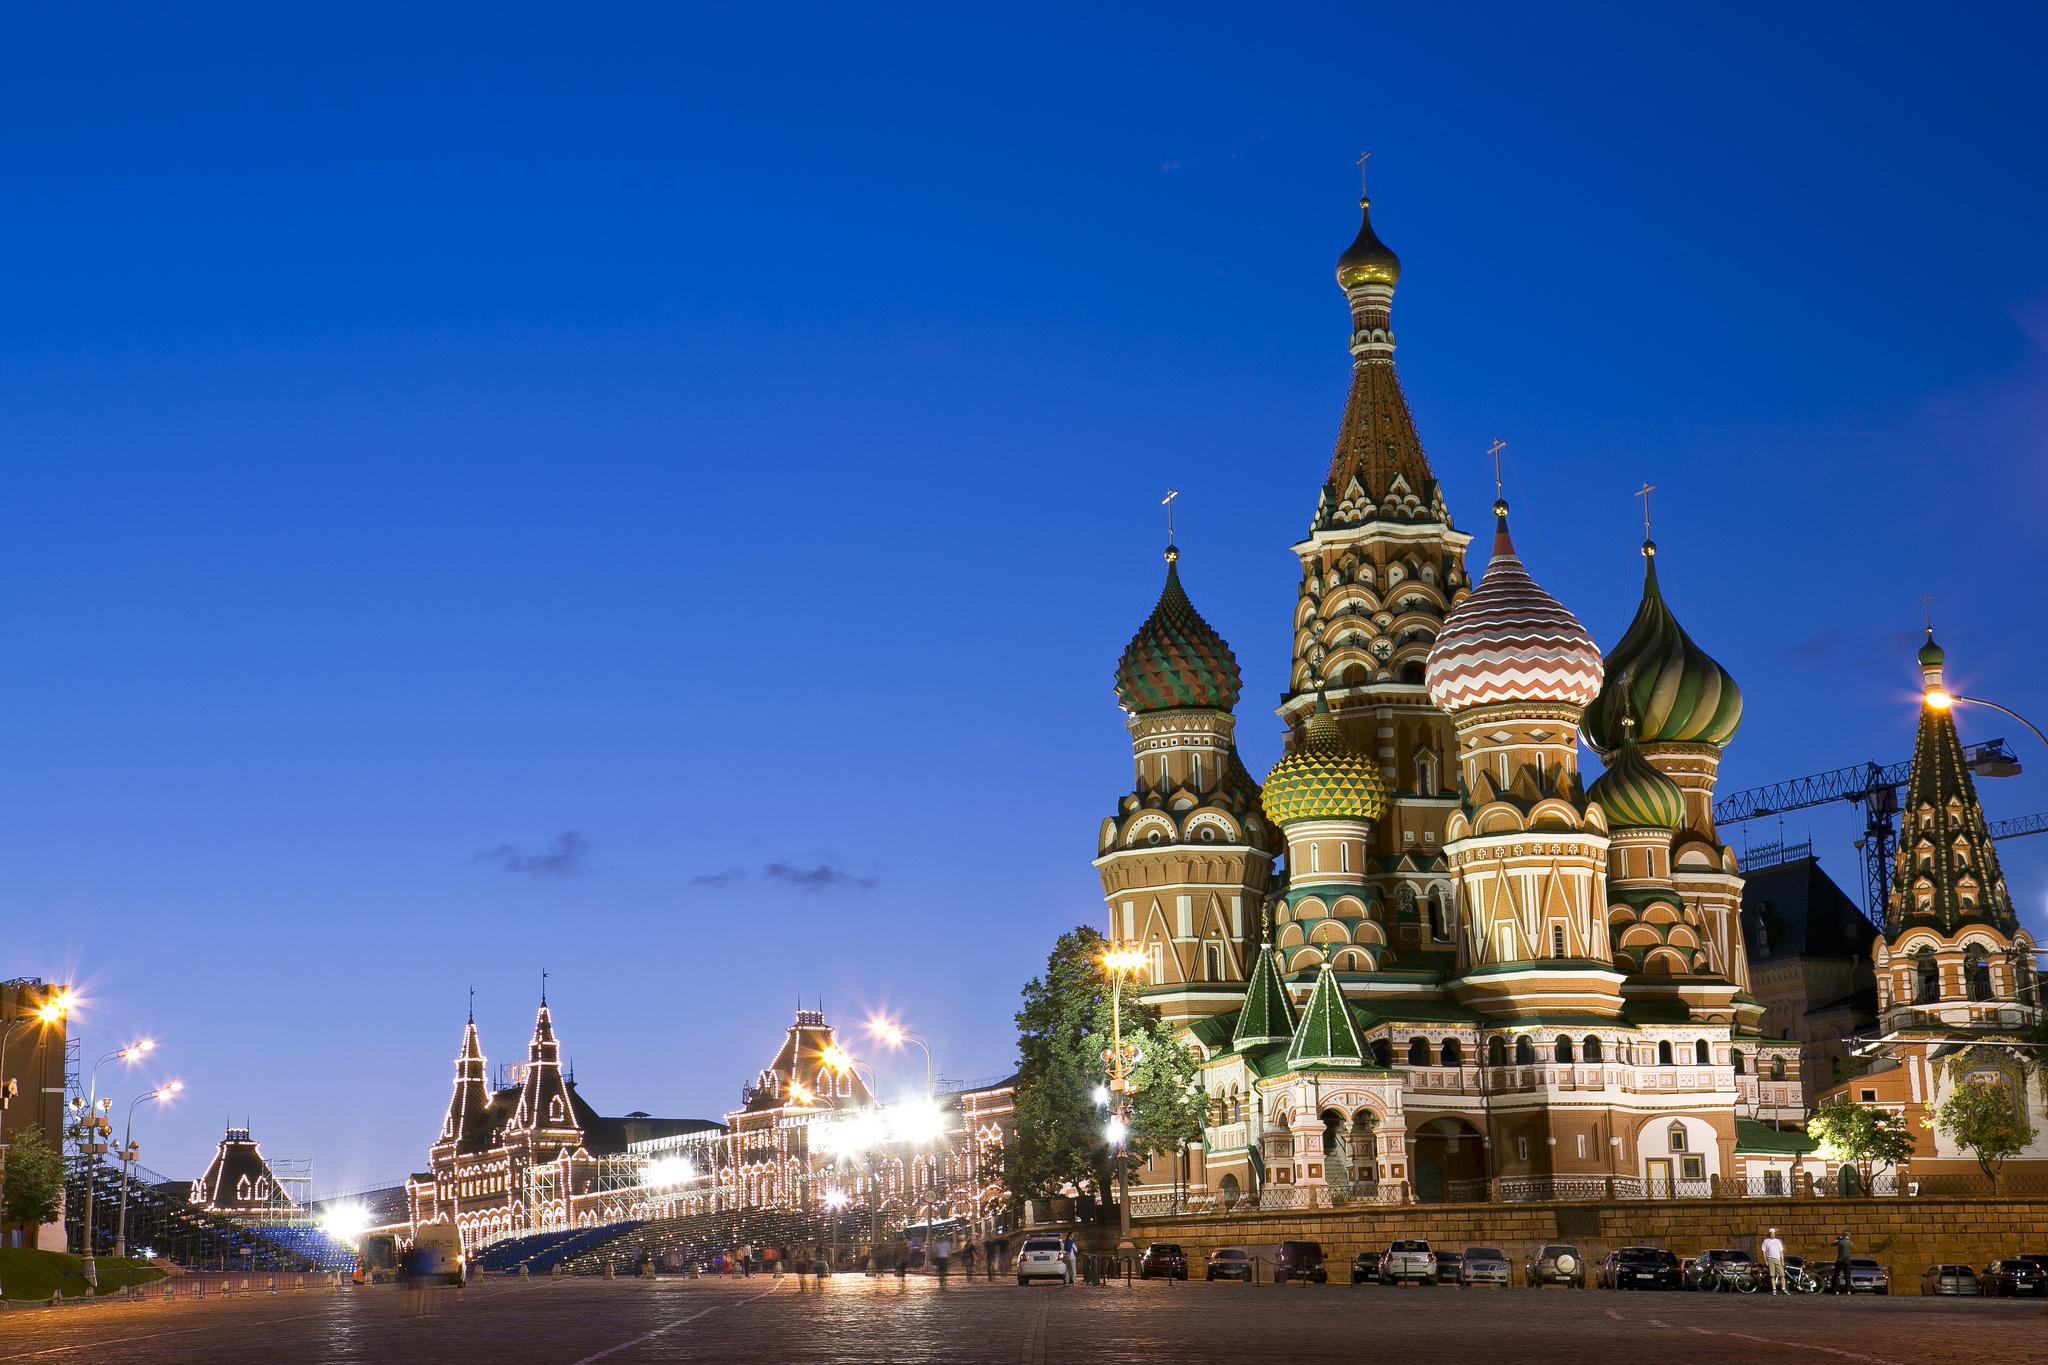 архитектура страны Церковь Москва Россия  № 2449592 без смс